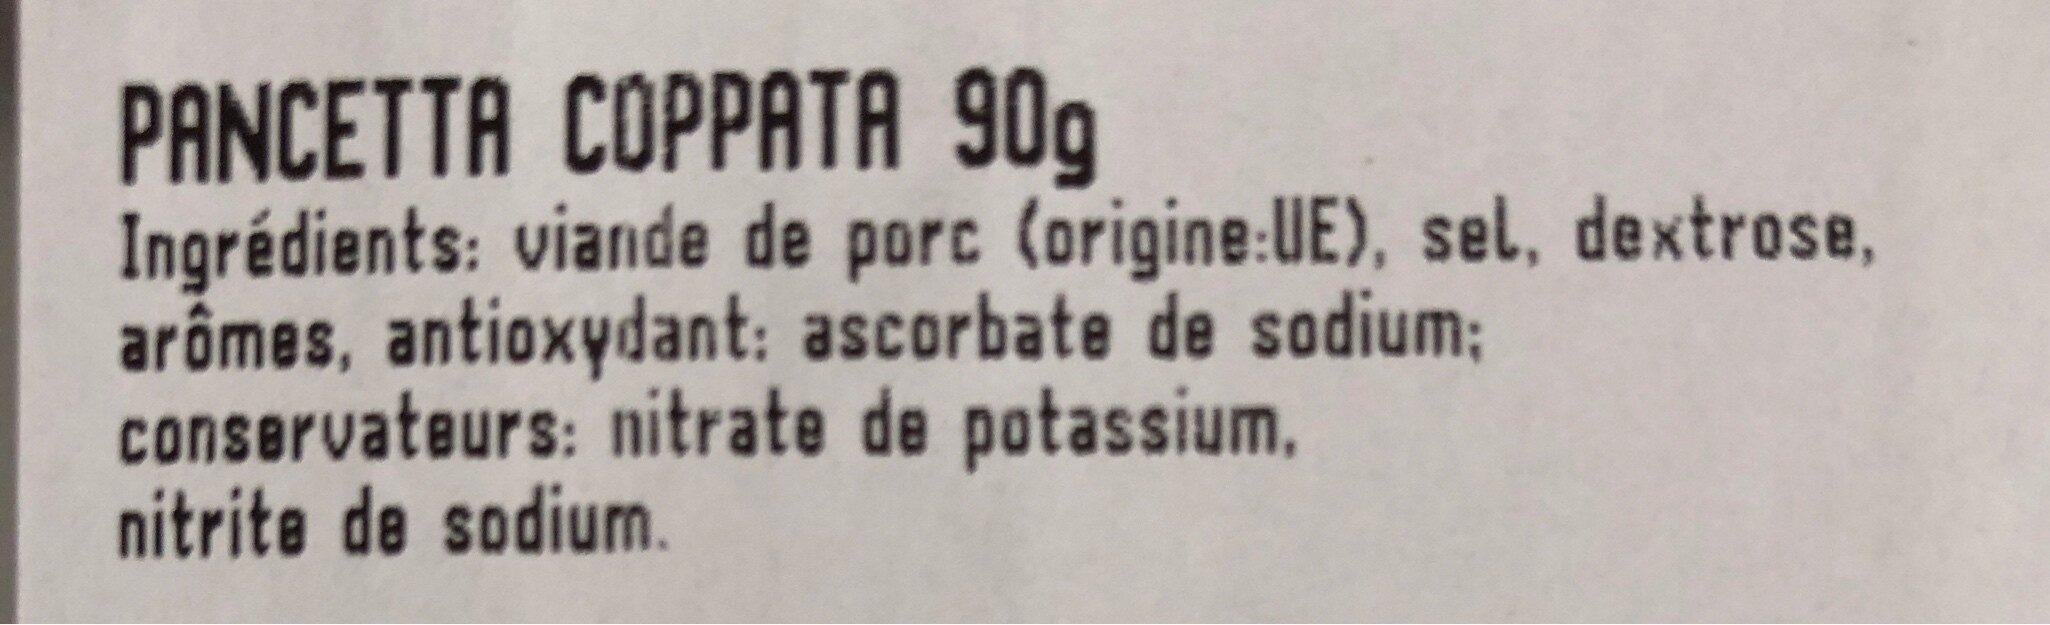 Beretta pancetta coppata - Inhaltsstoffe - fr